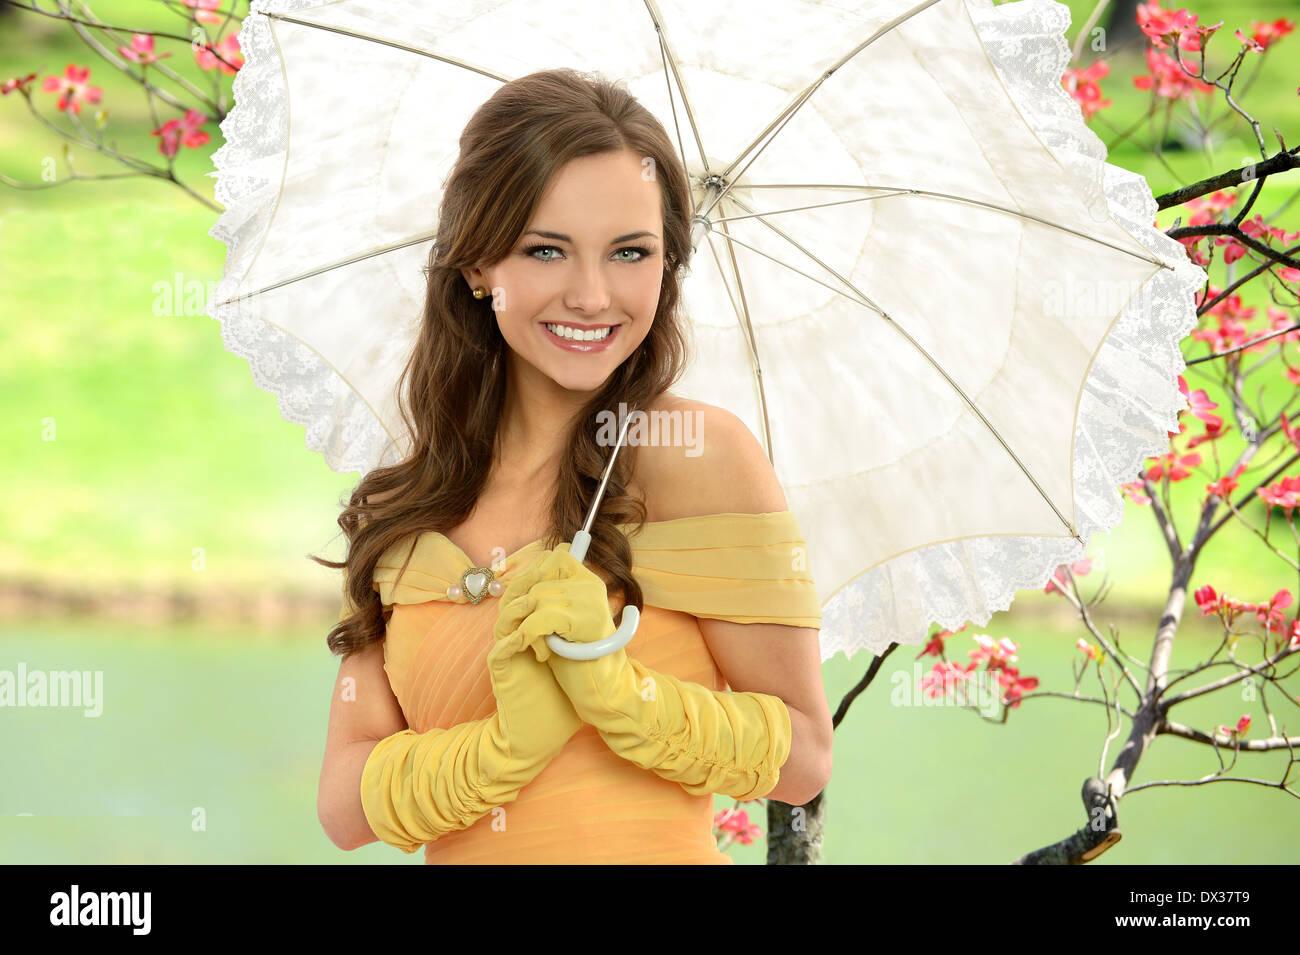 Ritratto di giovane donna in abito vittoriano holding ombrello all'aperto Foto Stock